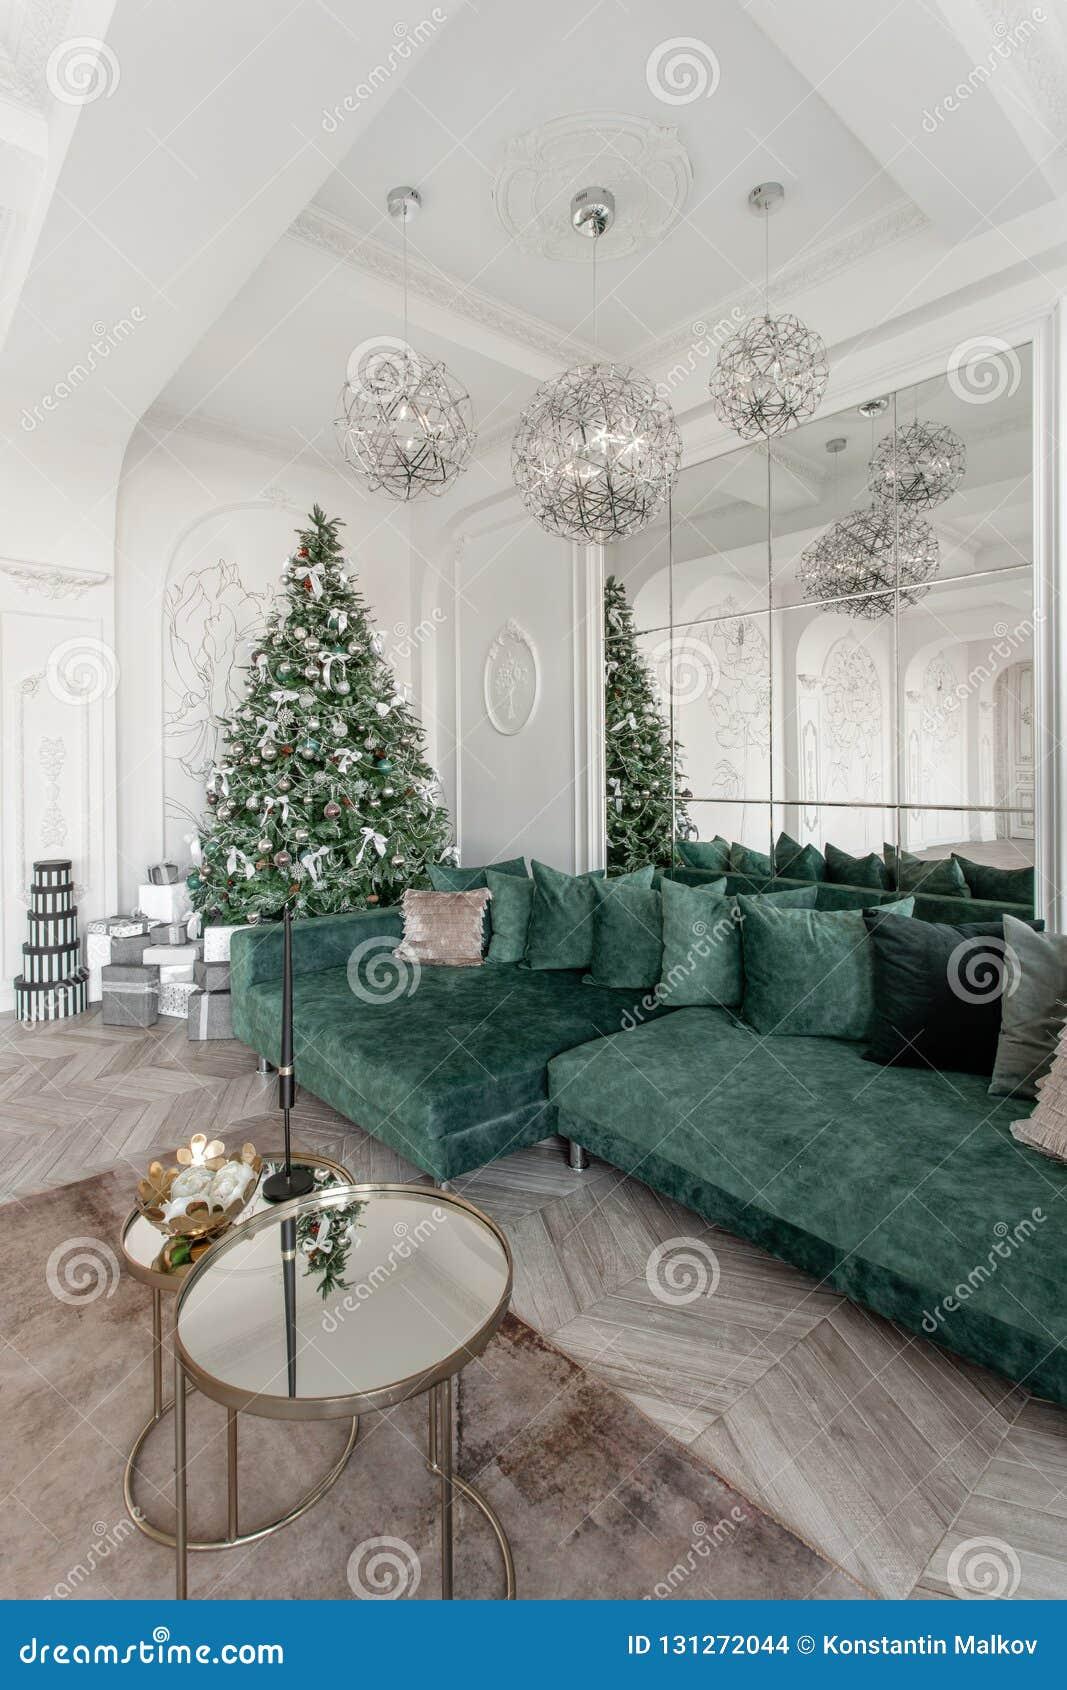 Manhã de Natal apartamentos luxuosos clássicos com a árvore de Natal decorada Grande espelho de vida do salão, sofá verde